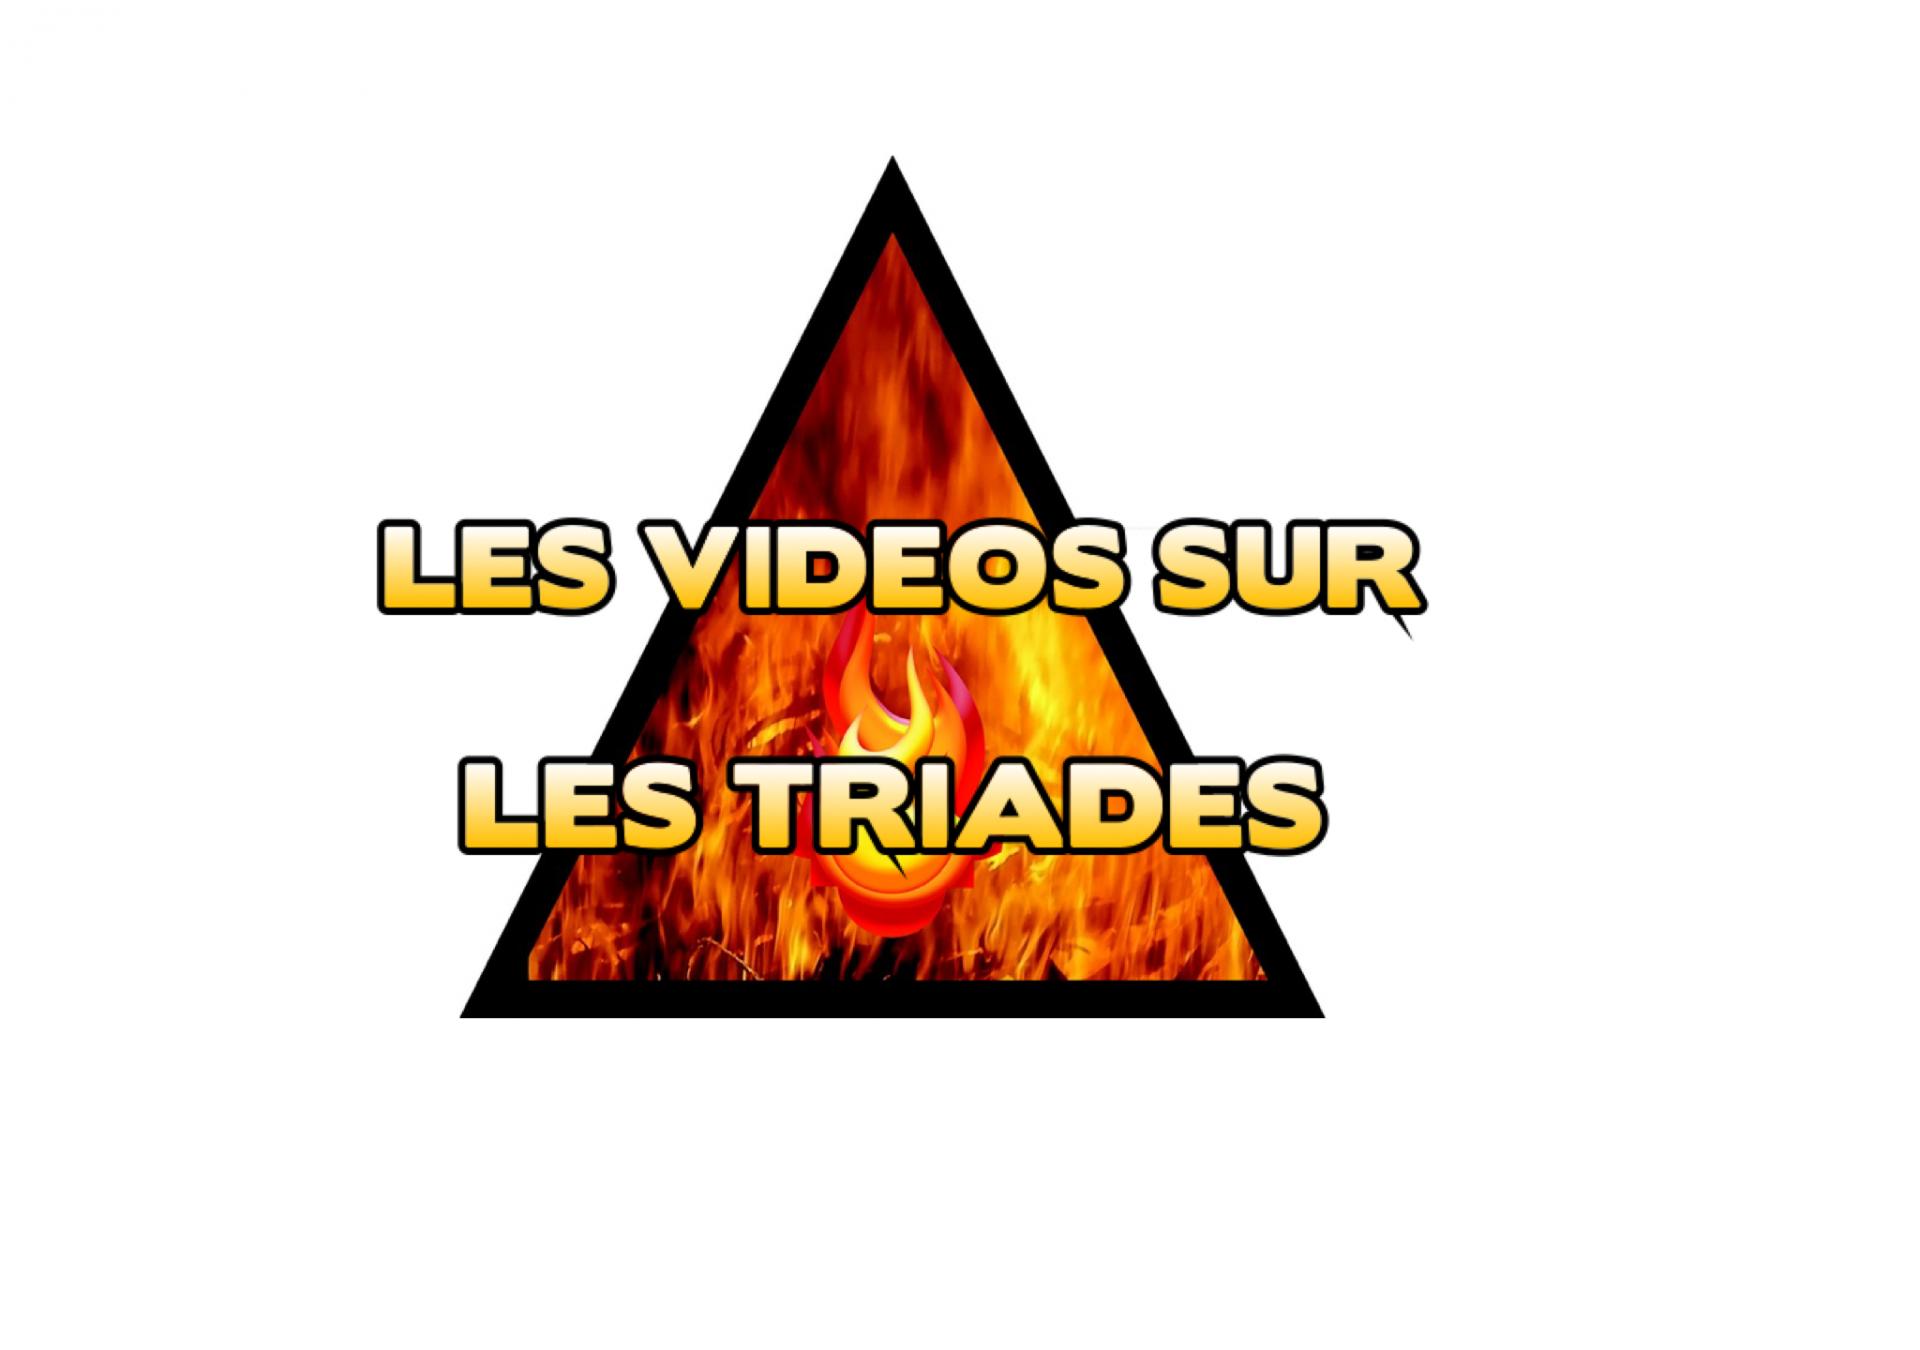 Videos sur les triades